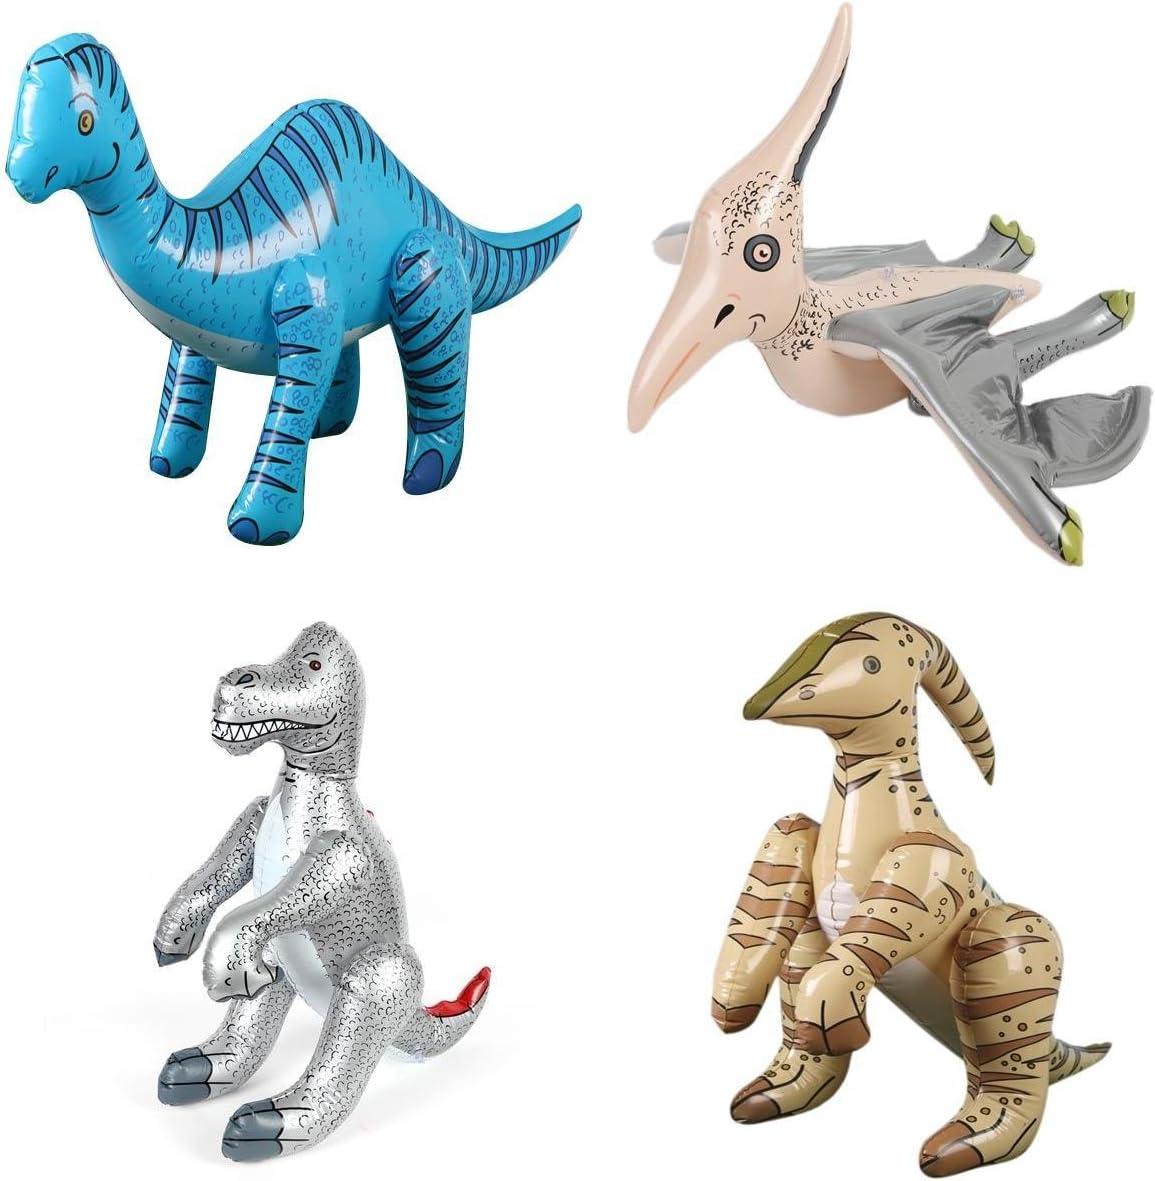 Paquete De 4 Dinosaurios Inflables Gigantes para Decoraciones De ...